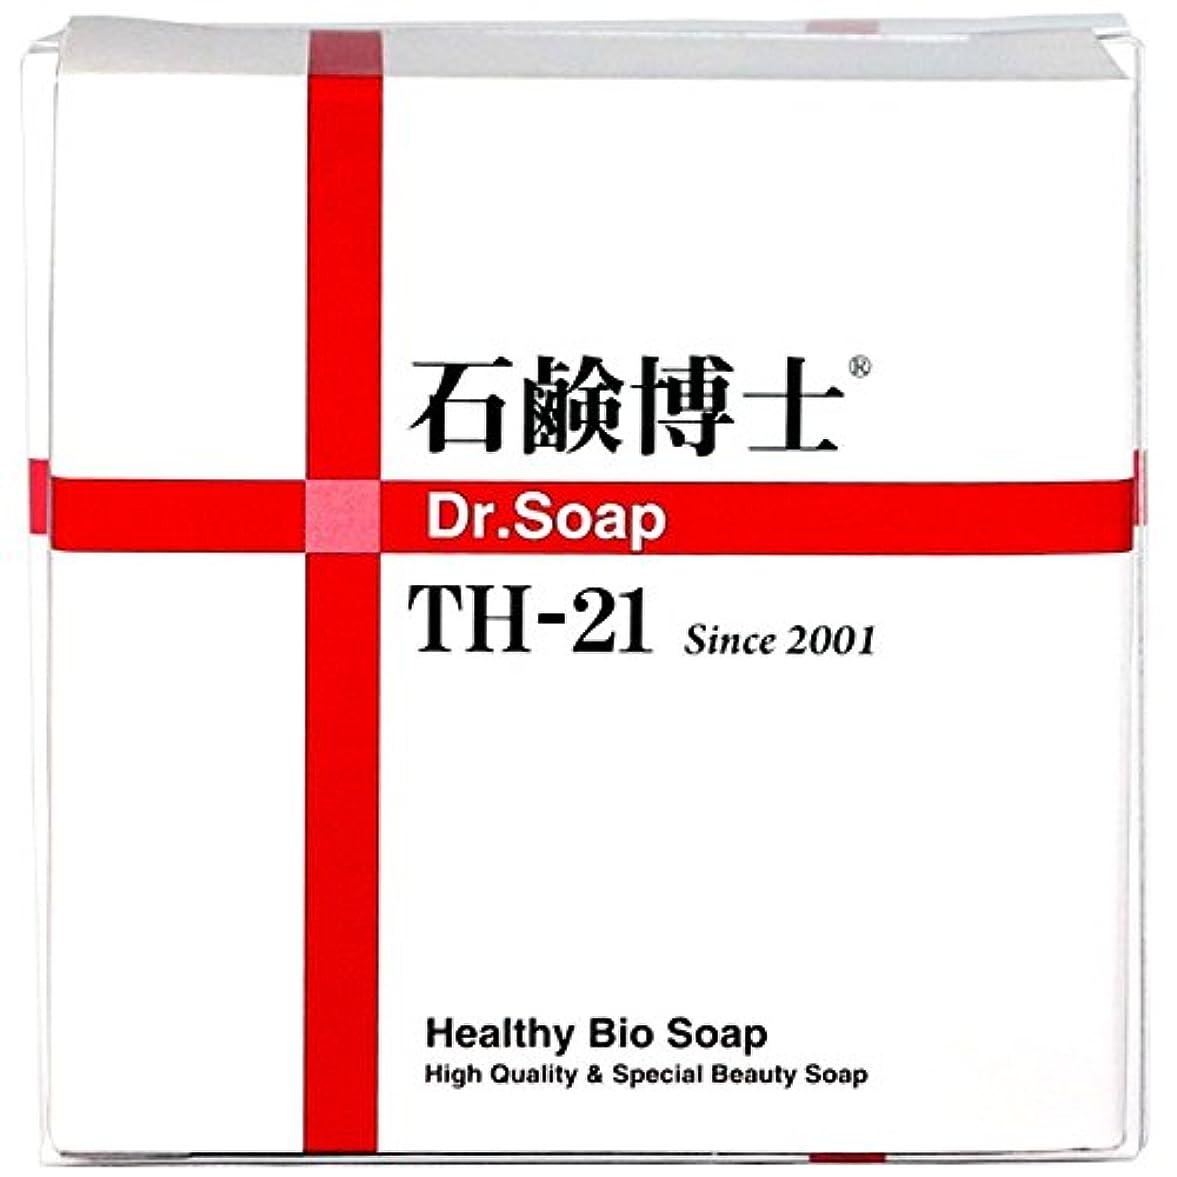 過激派検査官フェッチミネラルと分解酵素で洗顔しながらスキンケア 石鹸博士 DRソープ石鹸 Dr.Soap TH-21 100g